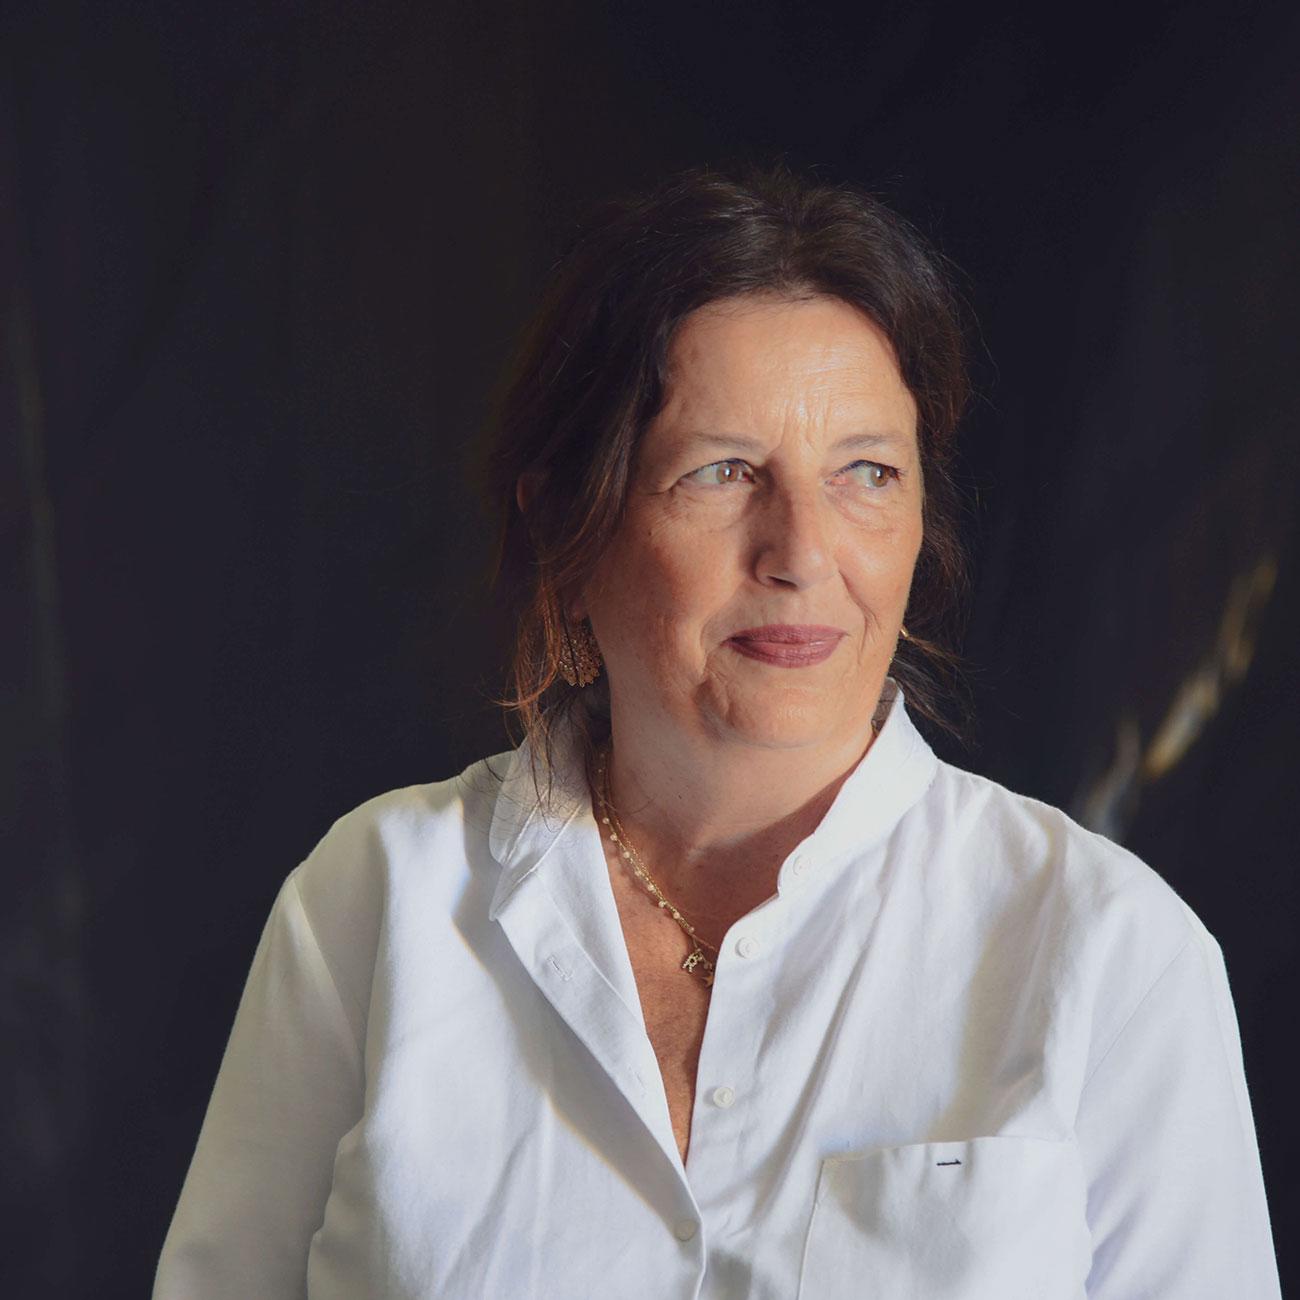 Rosella Giorgetti